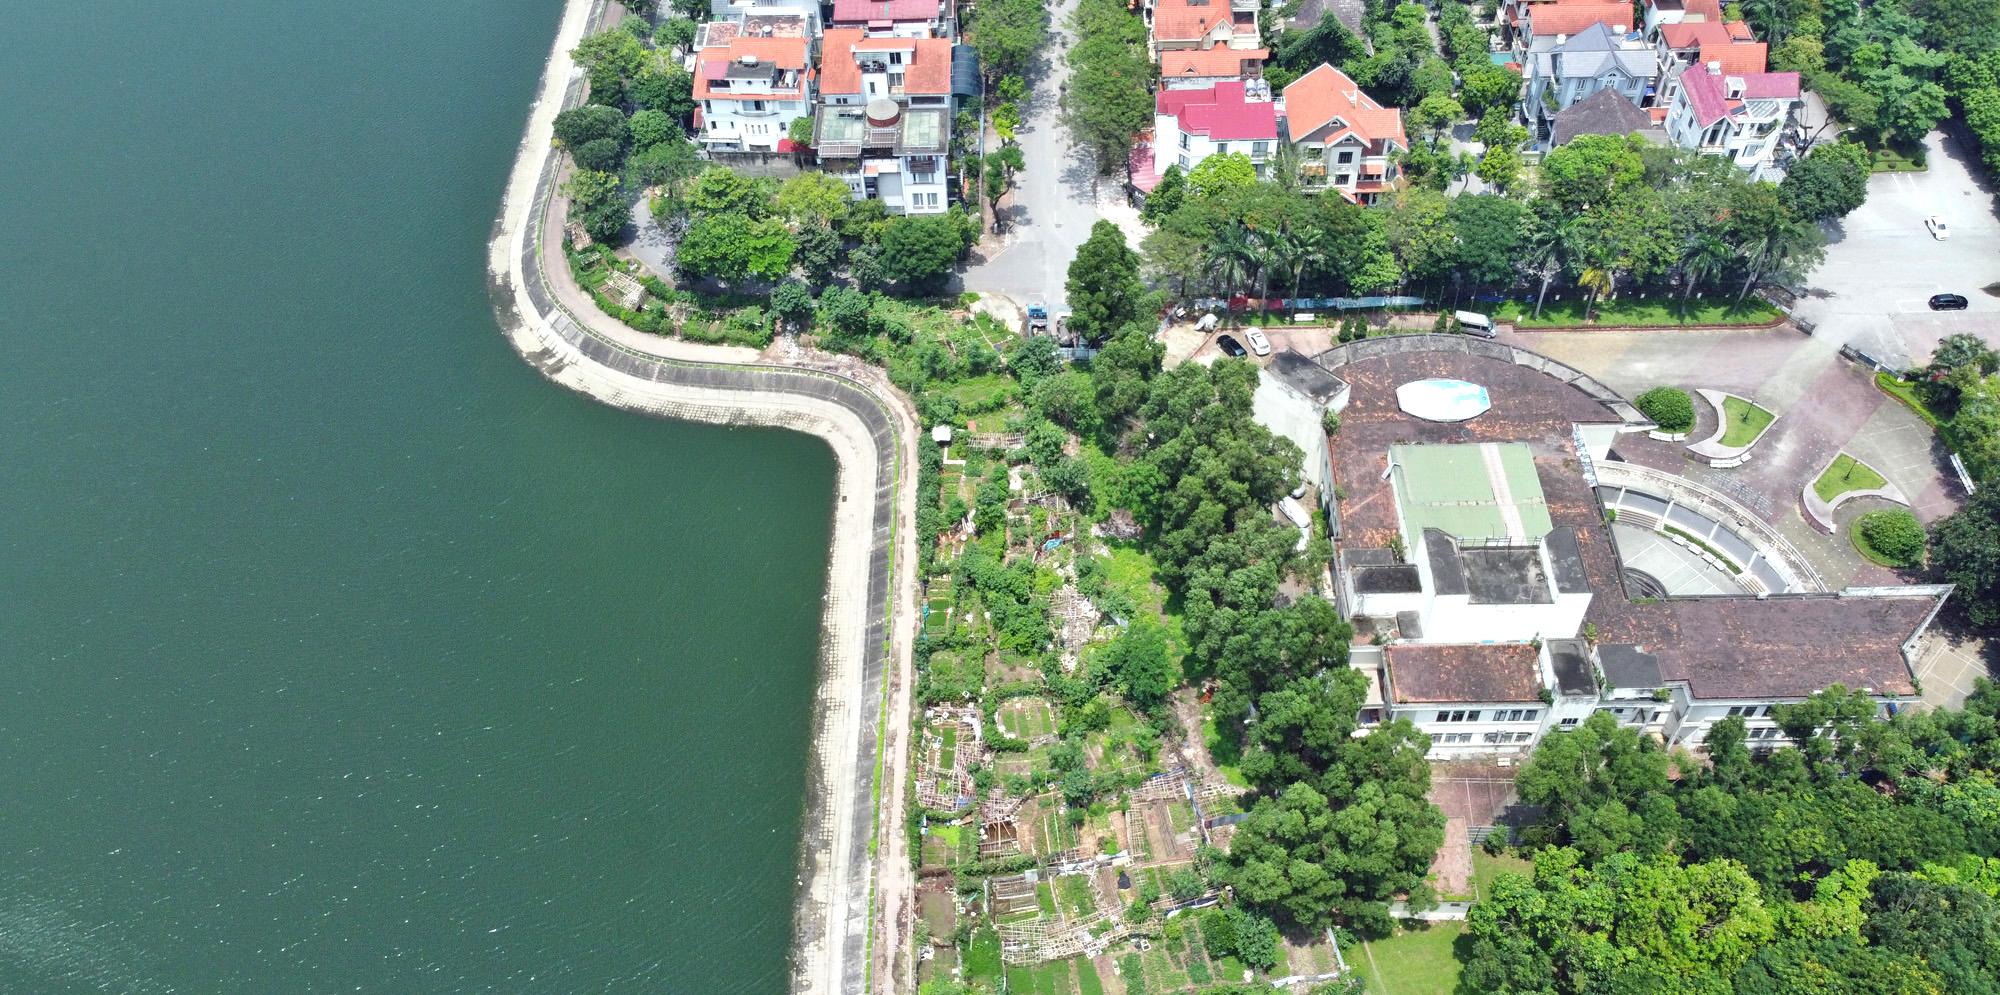 Cận cảnh những 'bán đảo' ngay giữa trung tâm Hà Nội - Ảnh 15.